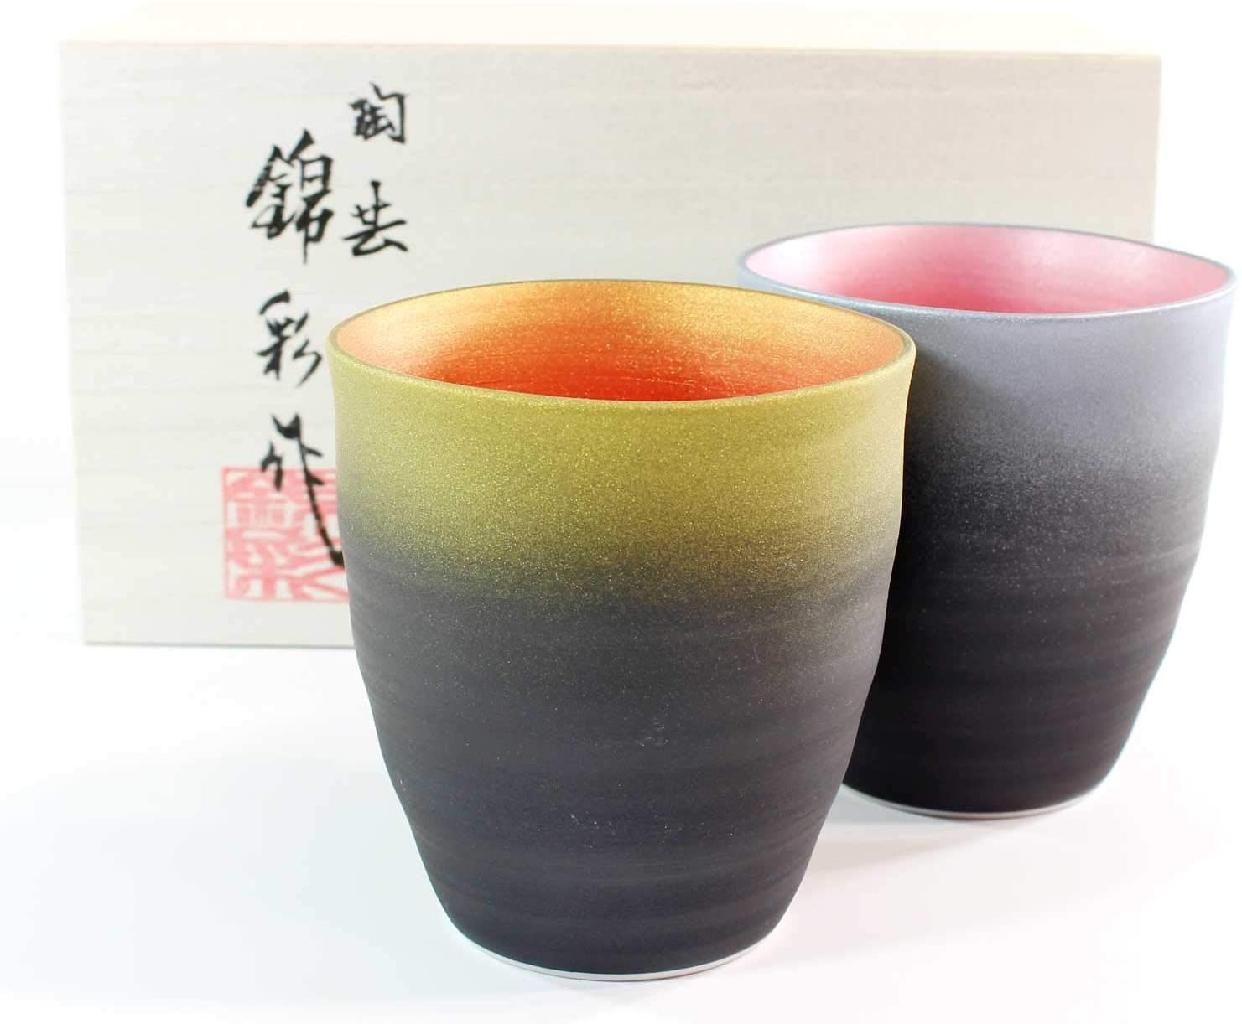 藤井錦彩窯 窯変金プラチナ彩波渕焼酎カップペアセットの商品画像